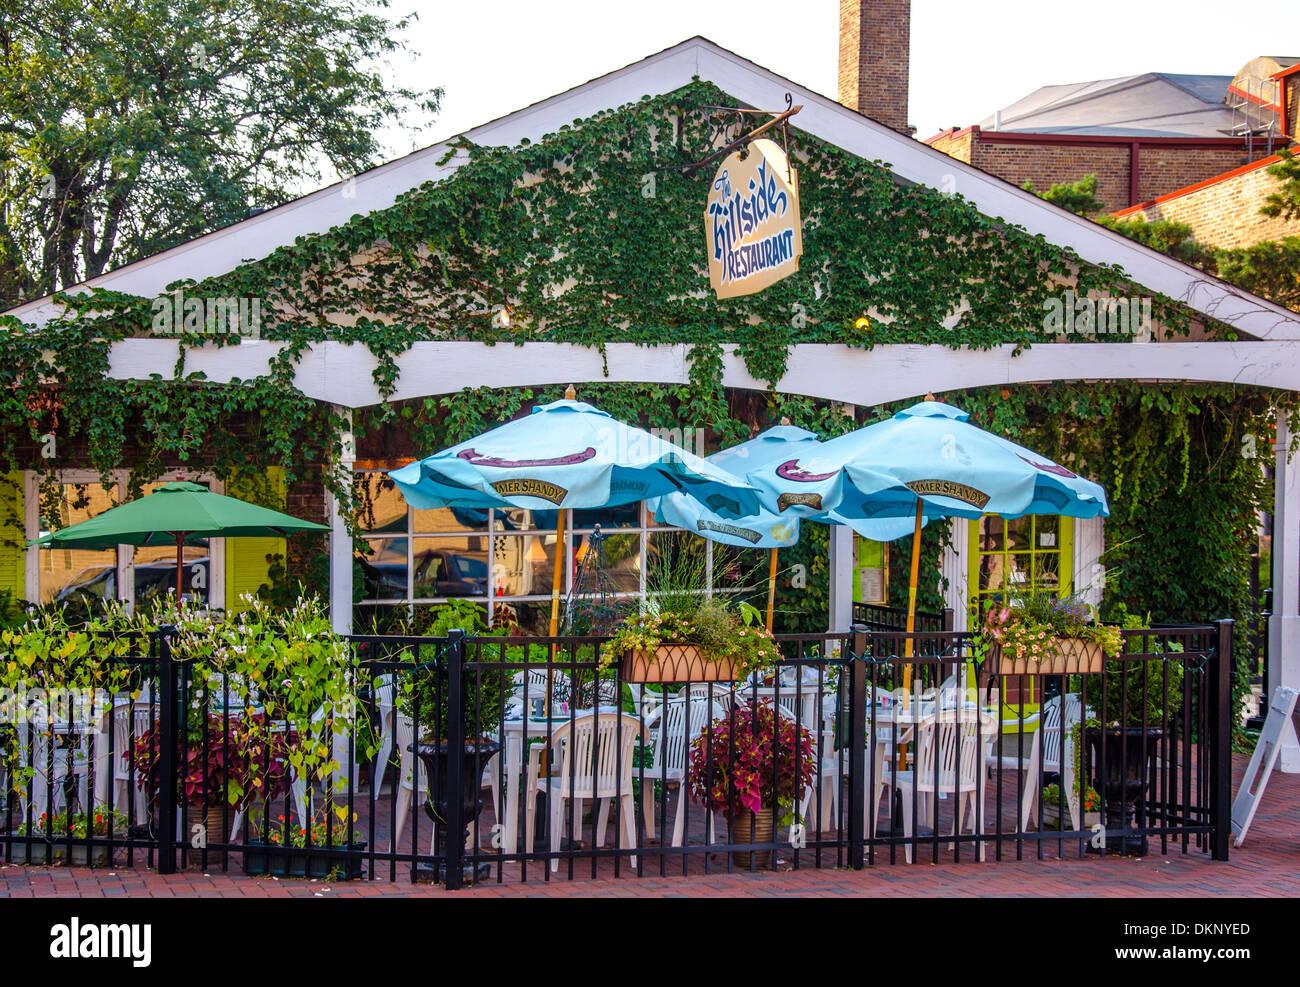 Der Hang ist ein beliebtes Restaurant in DeKalb, Illinois eine Stadt auf dem Lincoln Highway. Stockbild